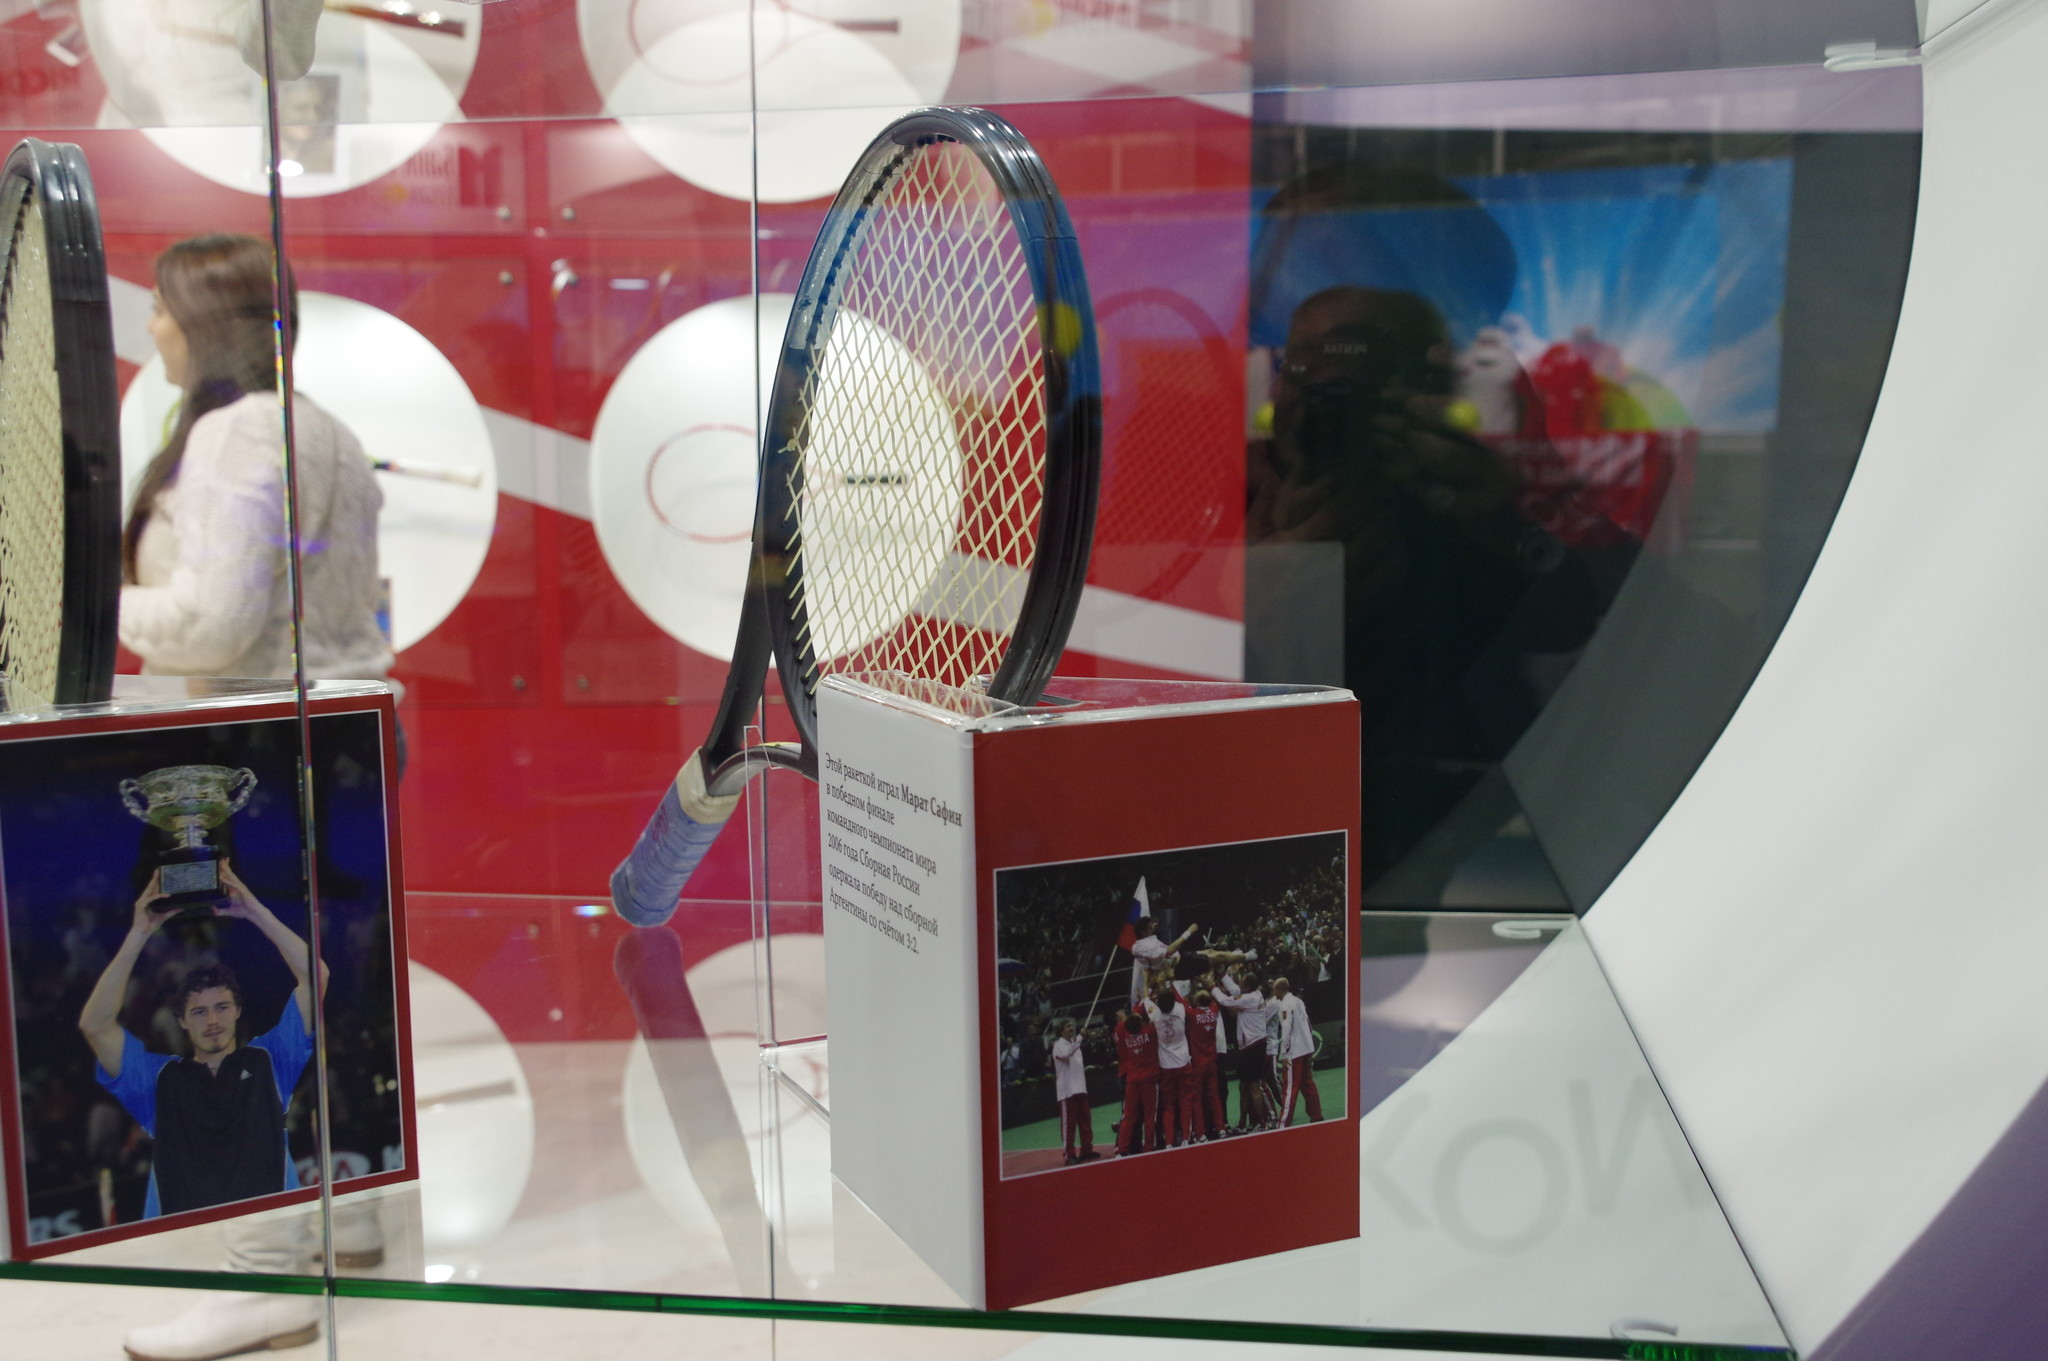 Этой ракеткой играл Марат Сафин в победном финале командного чемпионата мира 2006 года. Сборная России одержала победу над сборной Аргентины со счётом 3:2